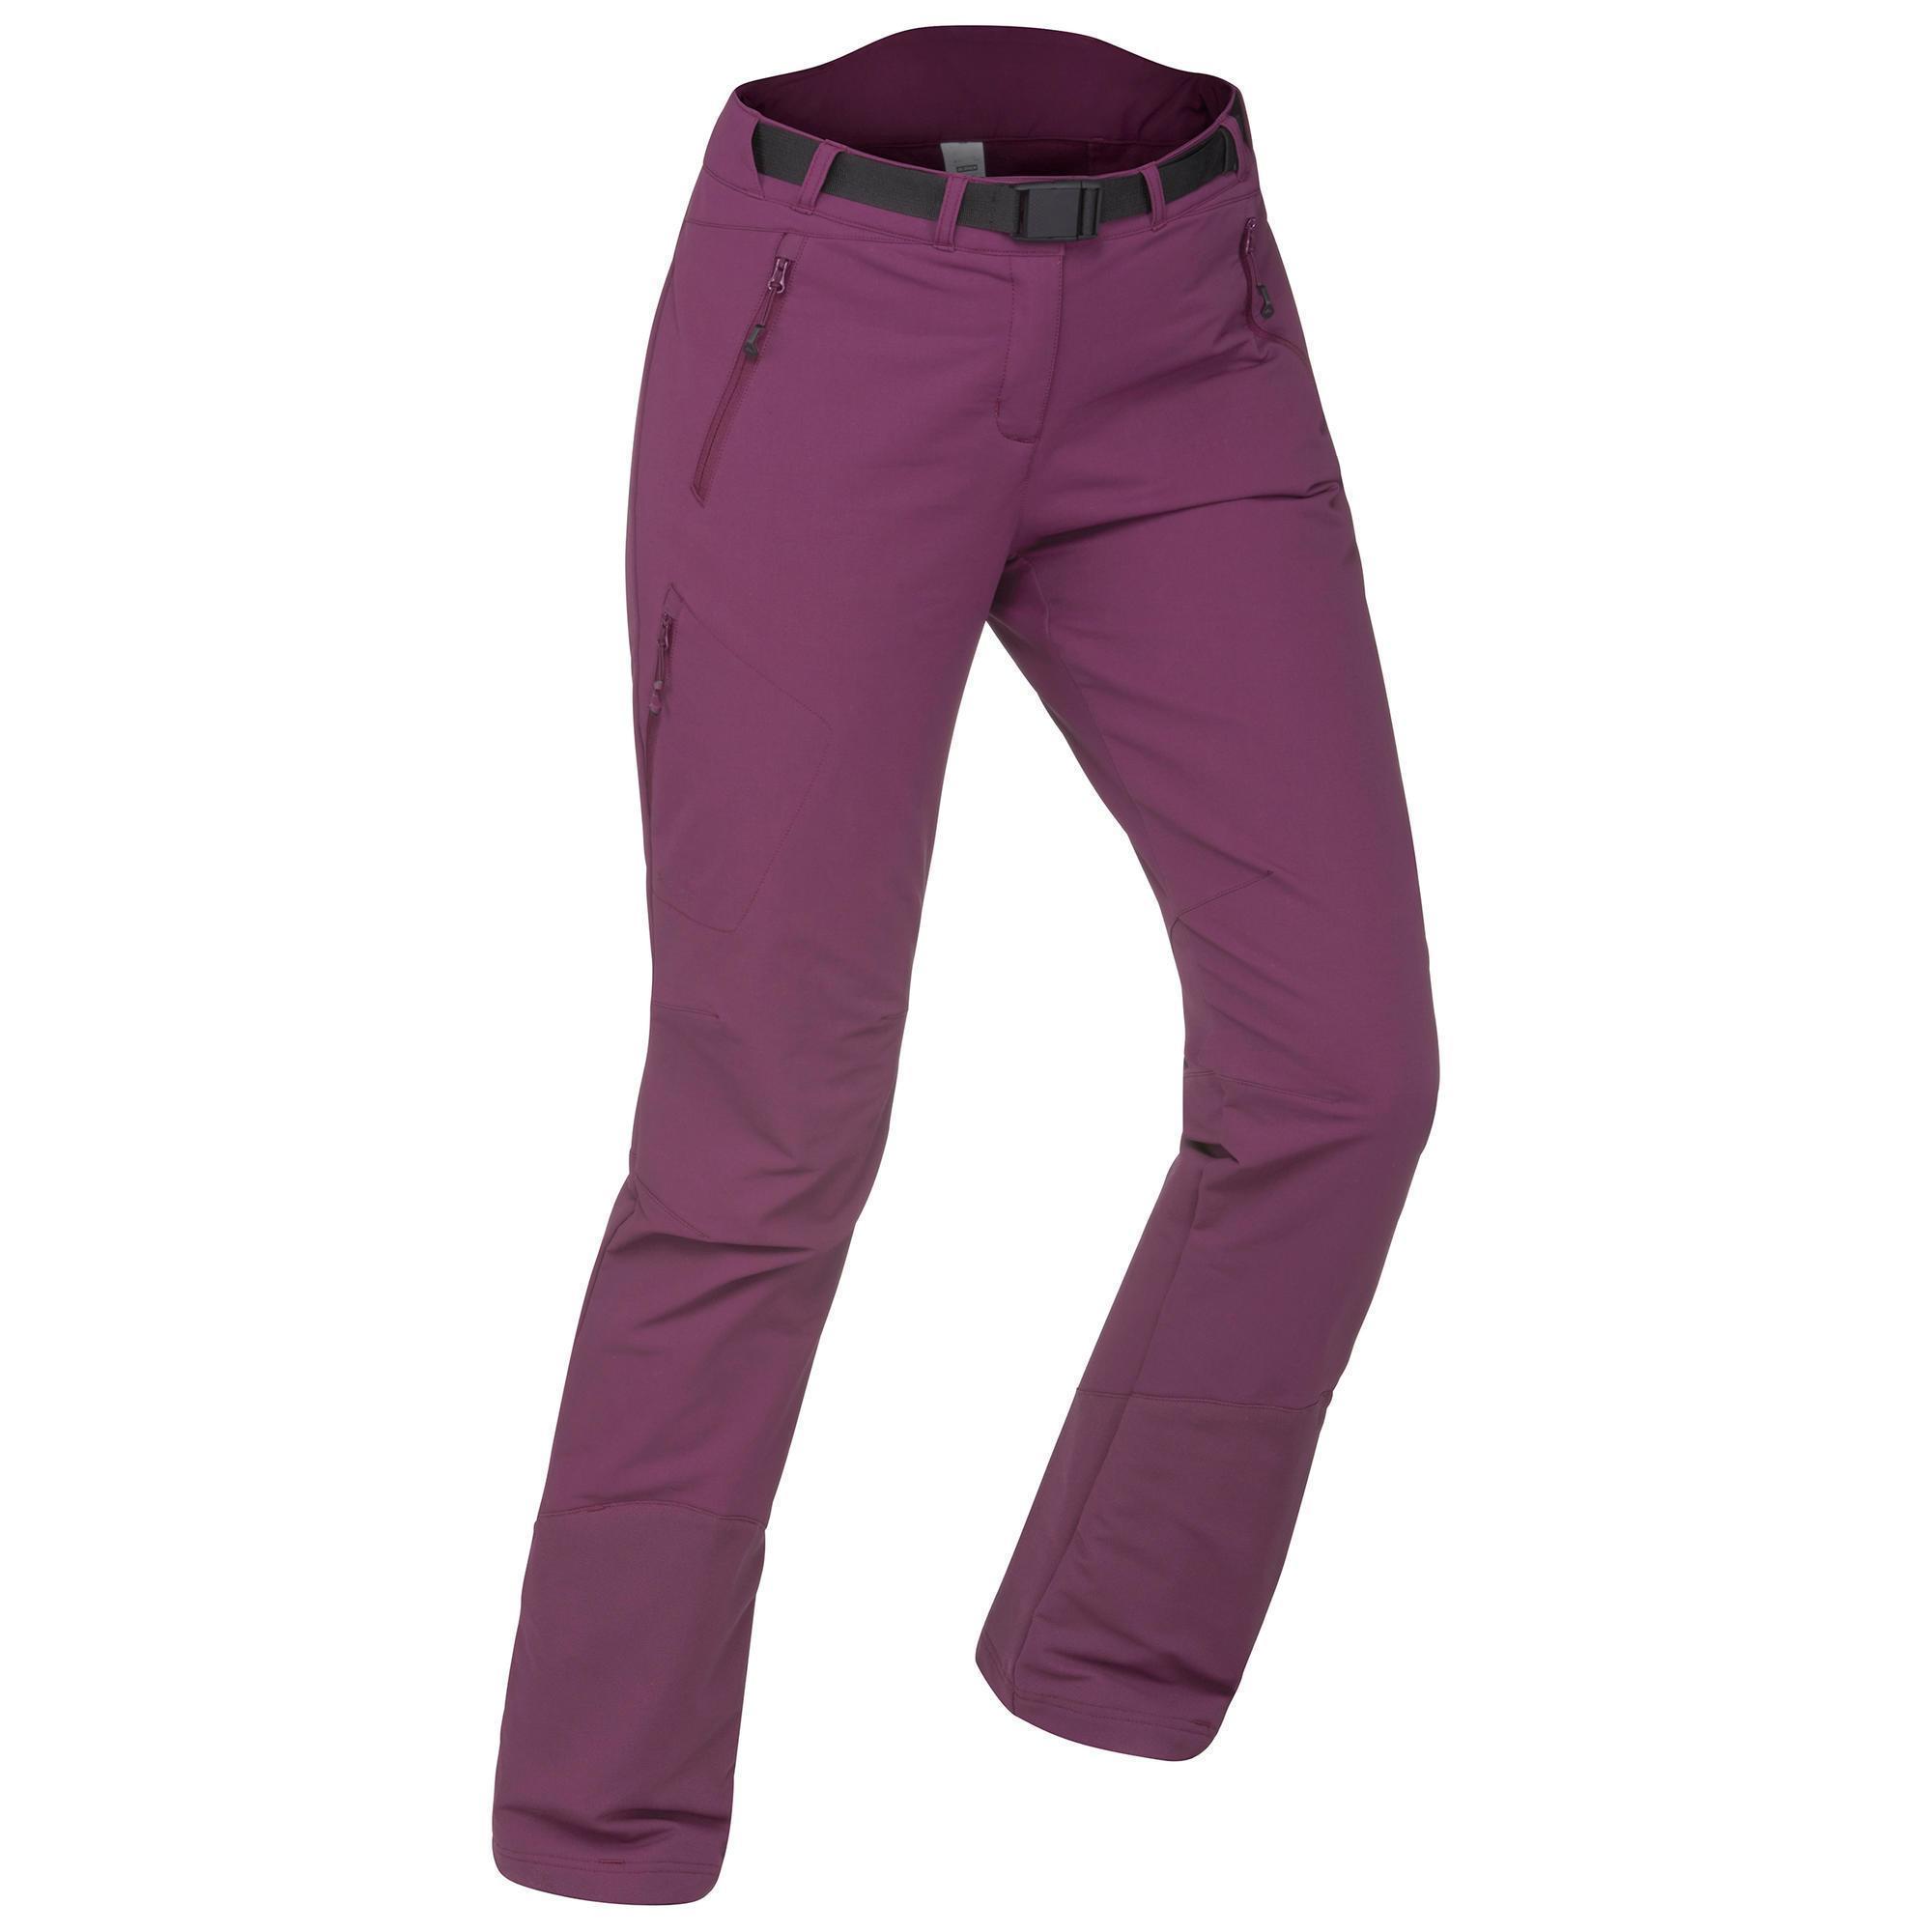 De Warm Stretch Violet X Neige Pantalons Randonnée Shorts Pantalon Sh500 Femme CxrBoWed